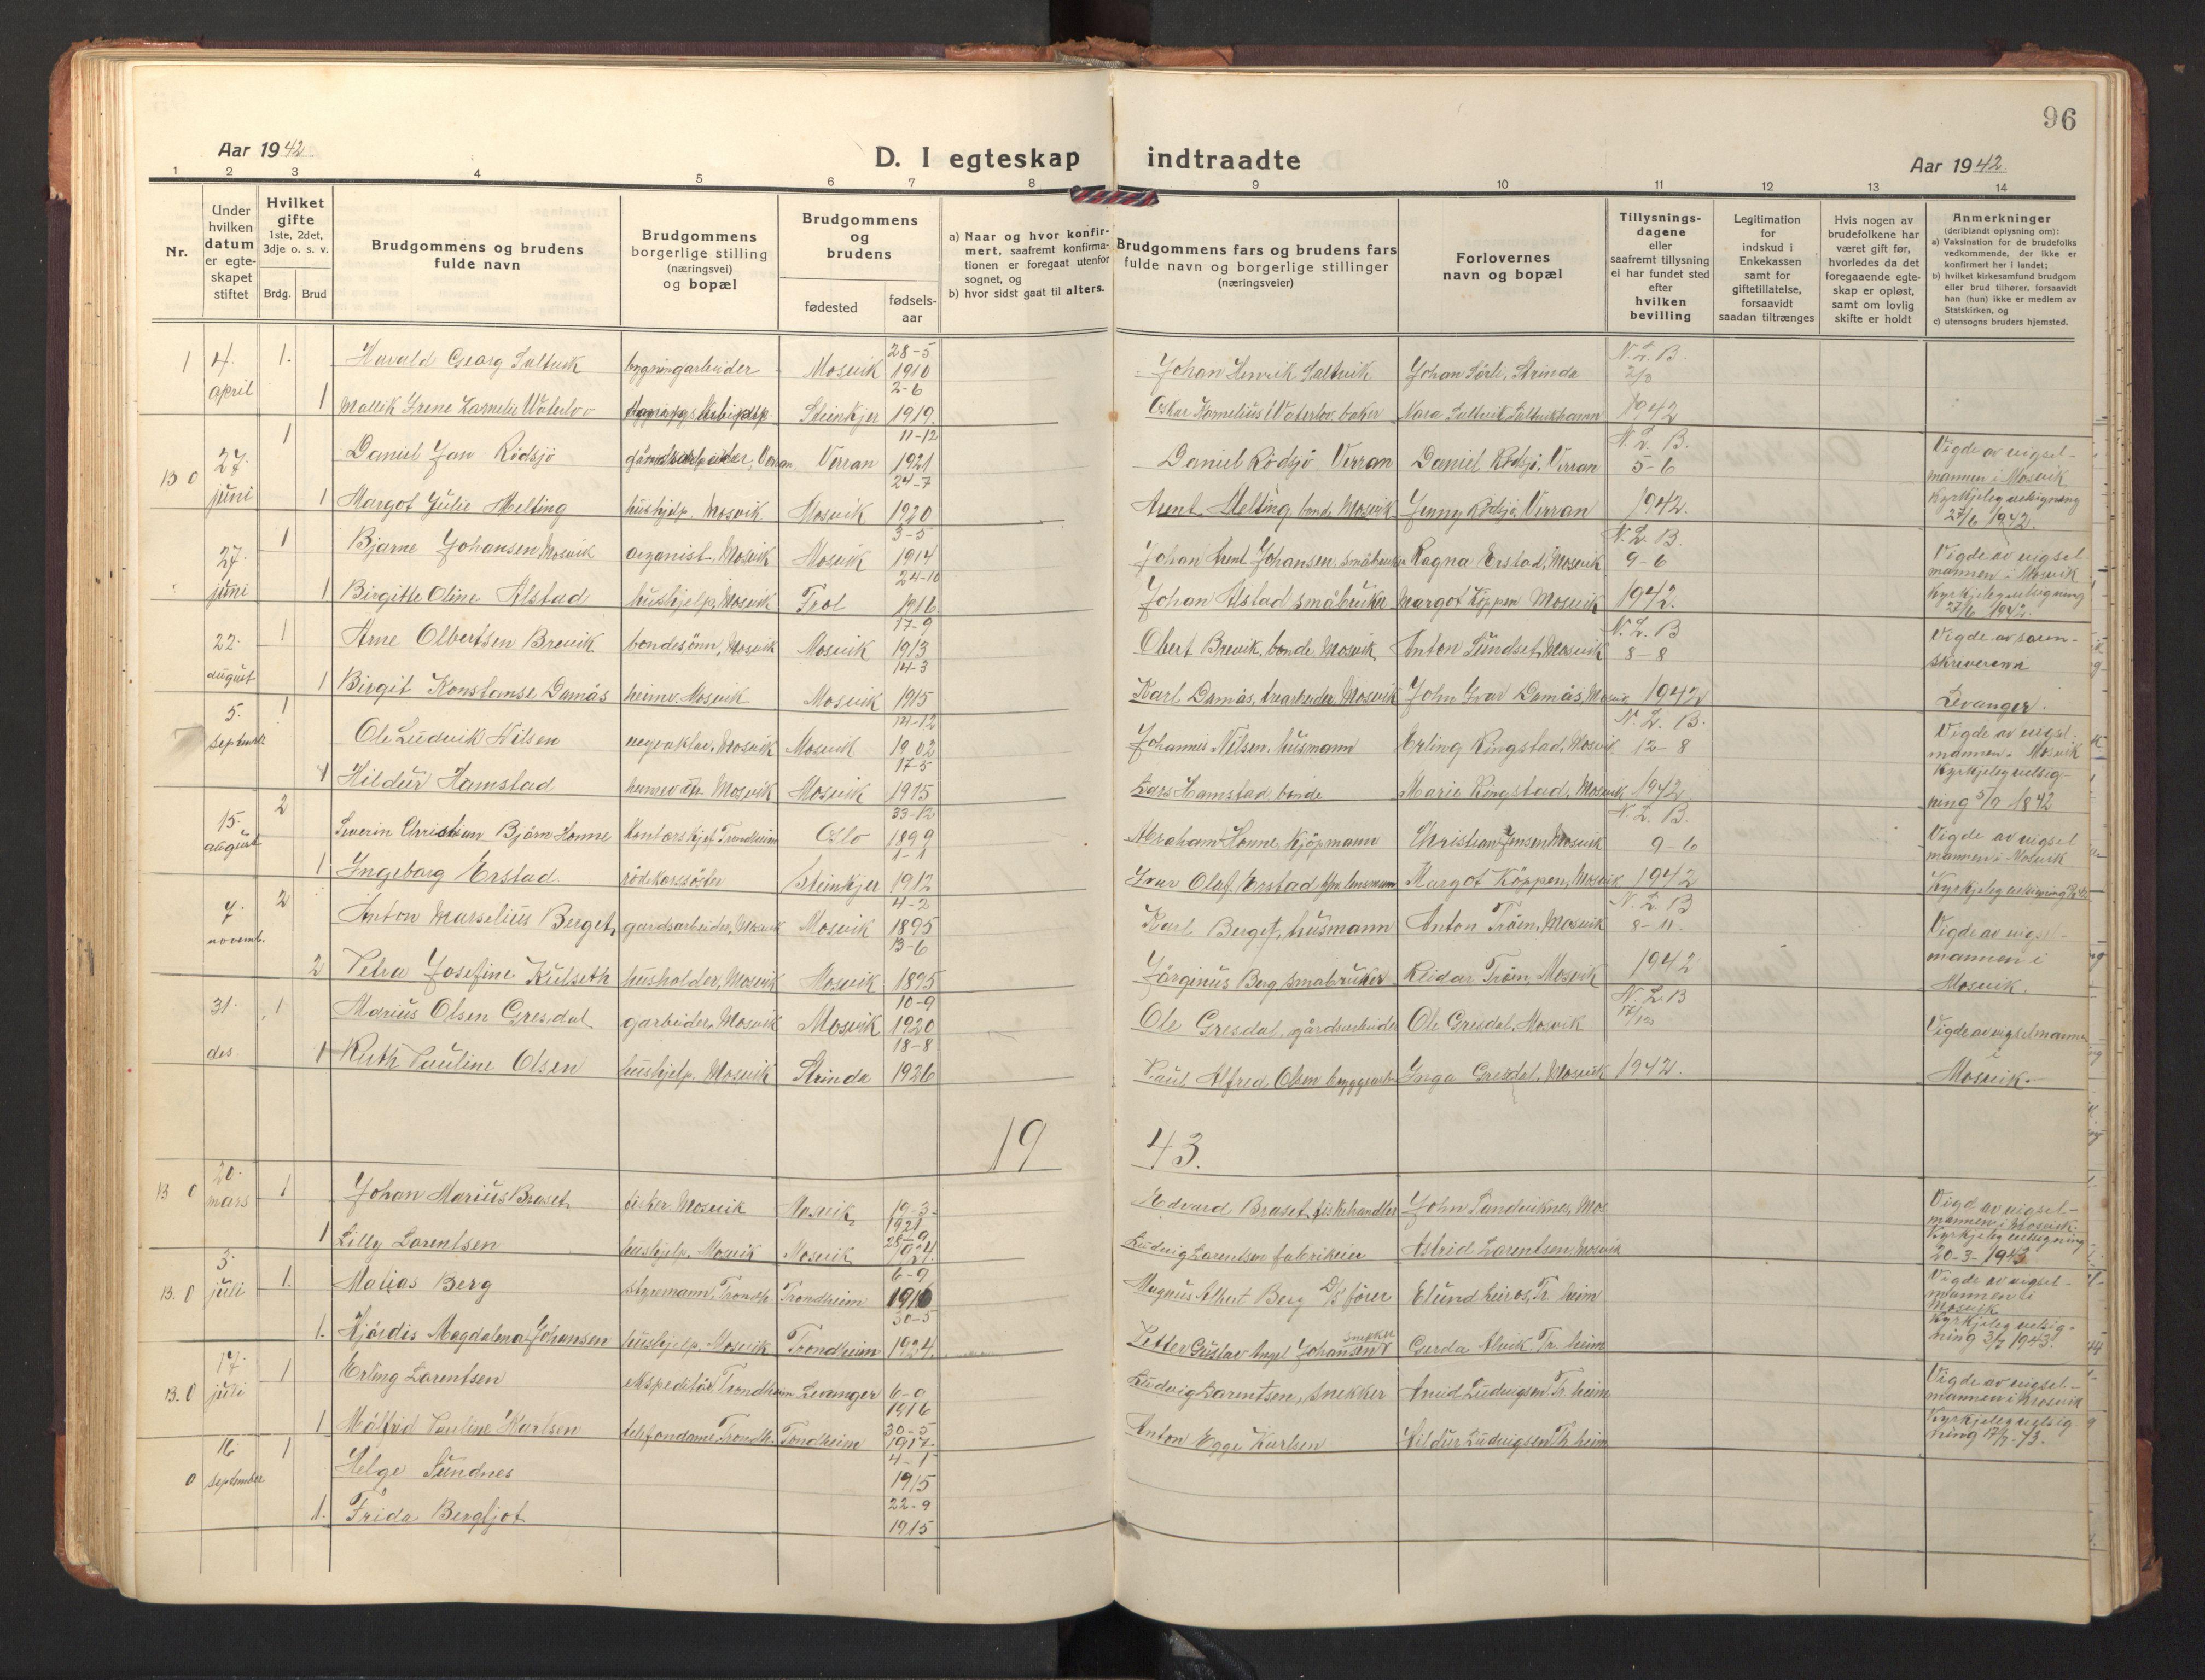 SAT, Ministerialprotokoller, klokkerbøker og fødselsregistre - Nord-Trøndelag, 733/L0328: Klokkerbok nr. 733C03, 1919-1966, s. 96